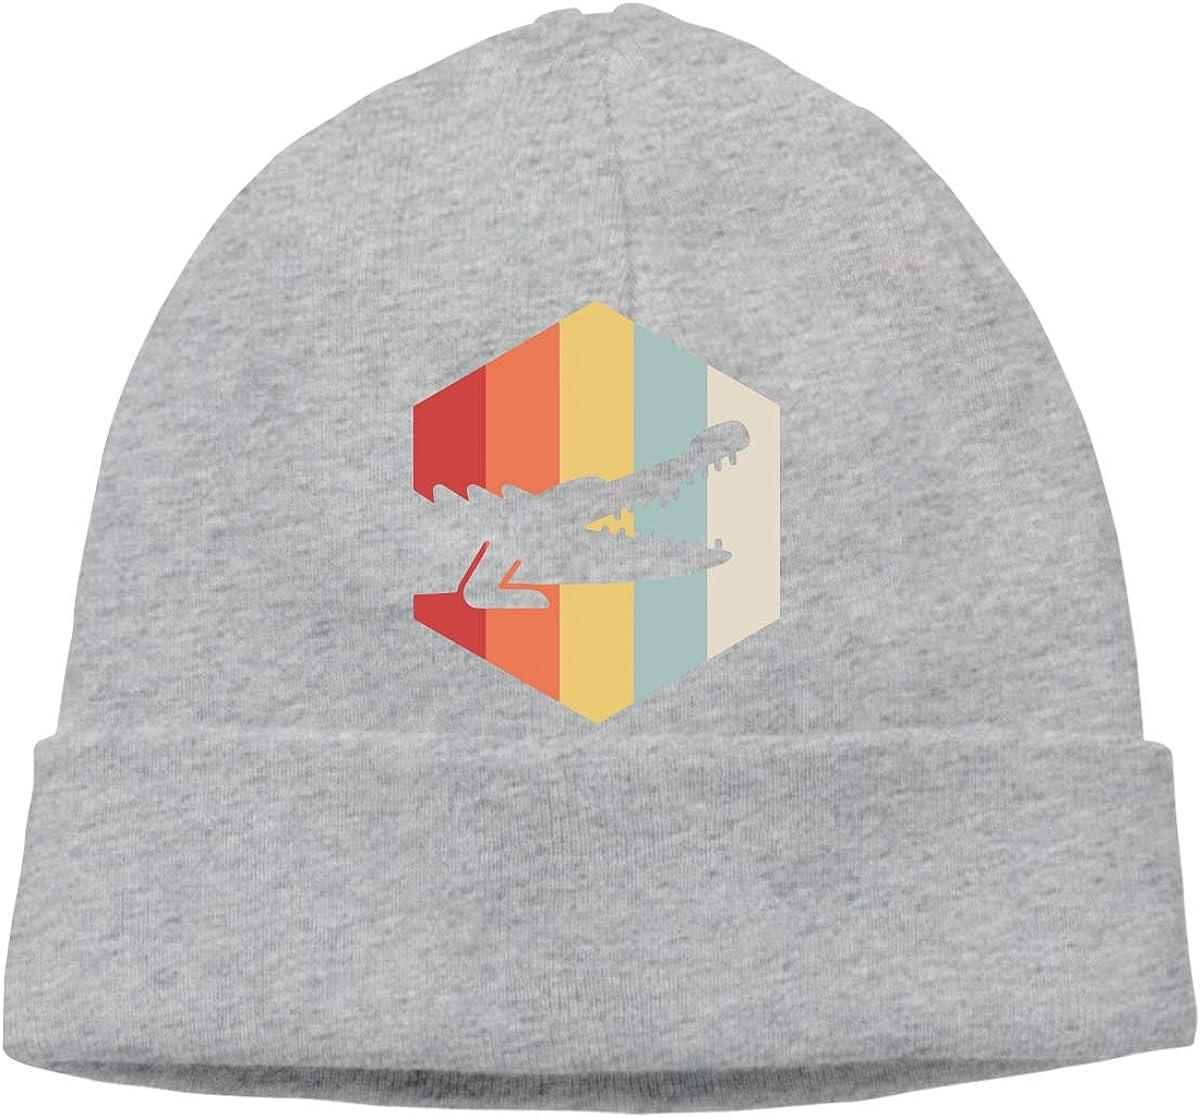 Q10 Mens/&Womens Retro 70s Alligator Soft Knit Beanie Caps Soft Hat